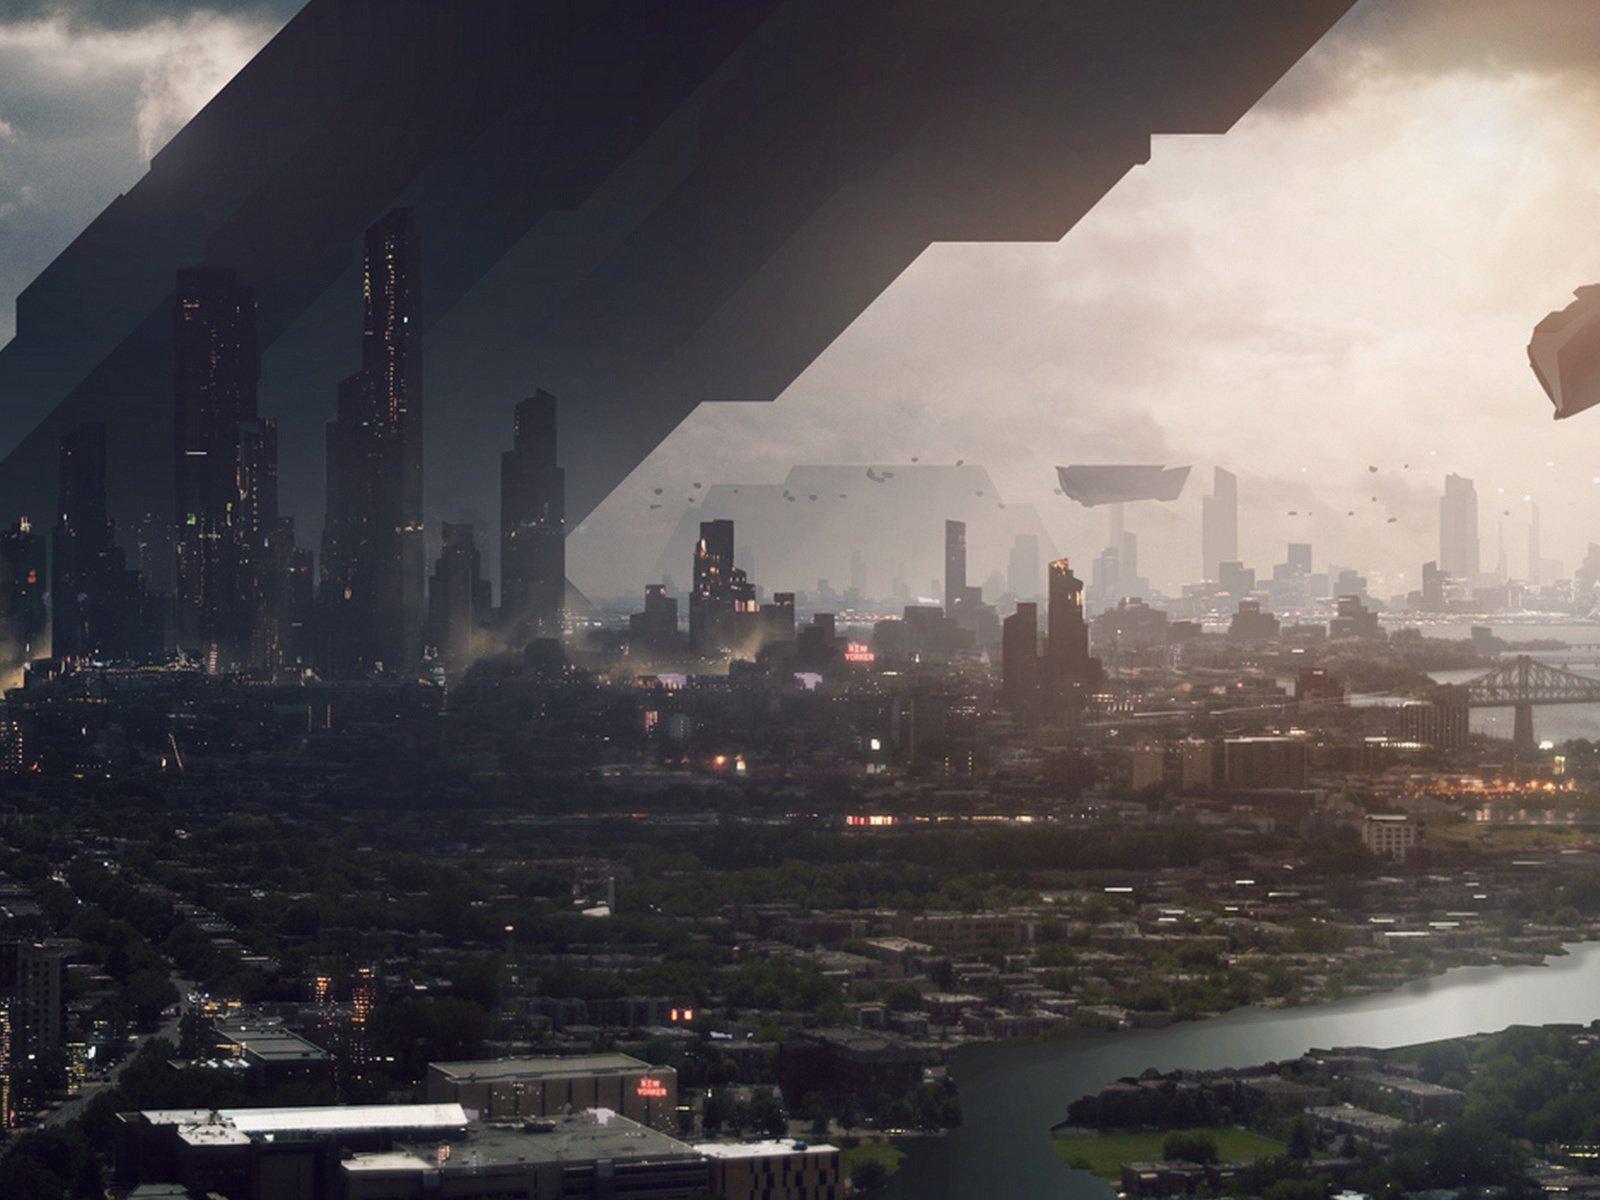 maritime skyscraper of the future essay